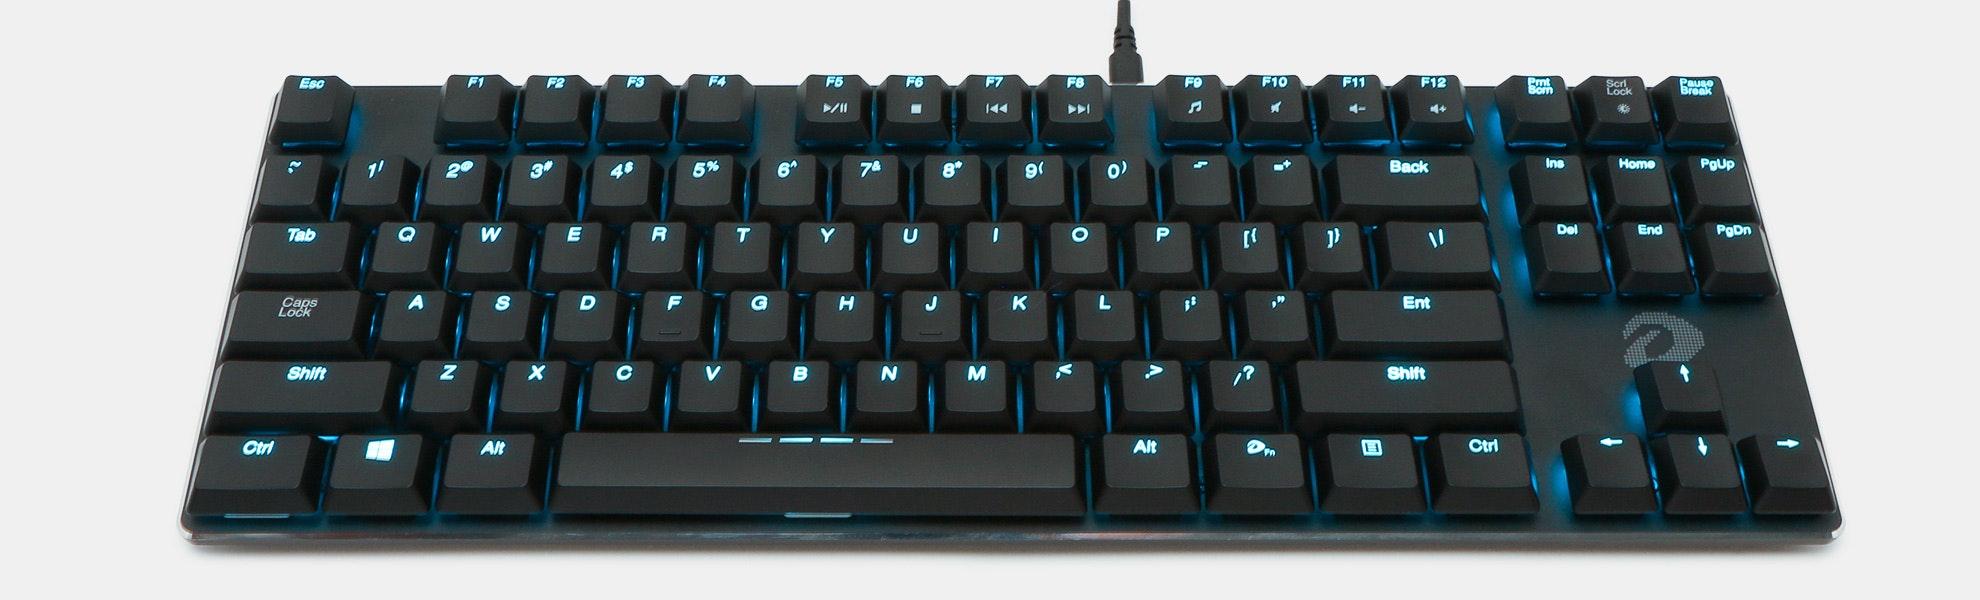 DAREU EK820 87-Key Mechanical Keyboard